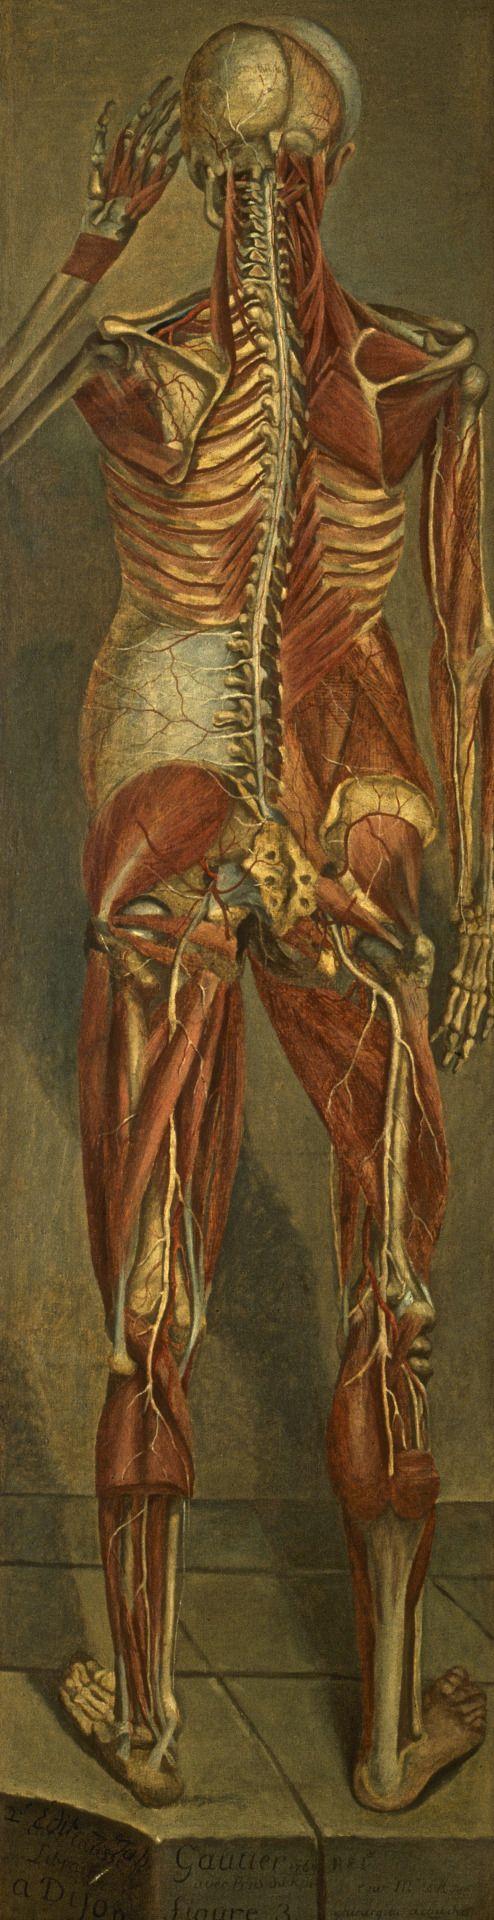 ☤ MD ☞☆☆☆ Jacques Fabien Gautier d'Agoty. Anatomical Figures. 1764.